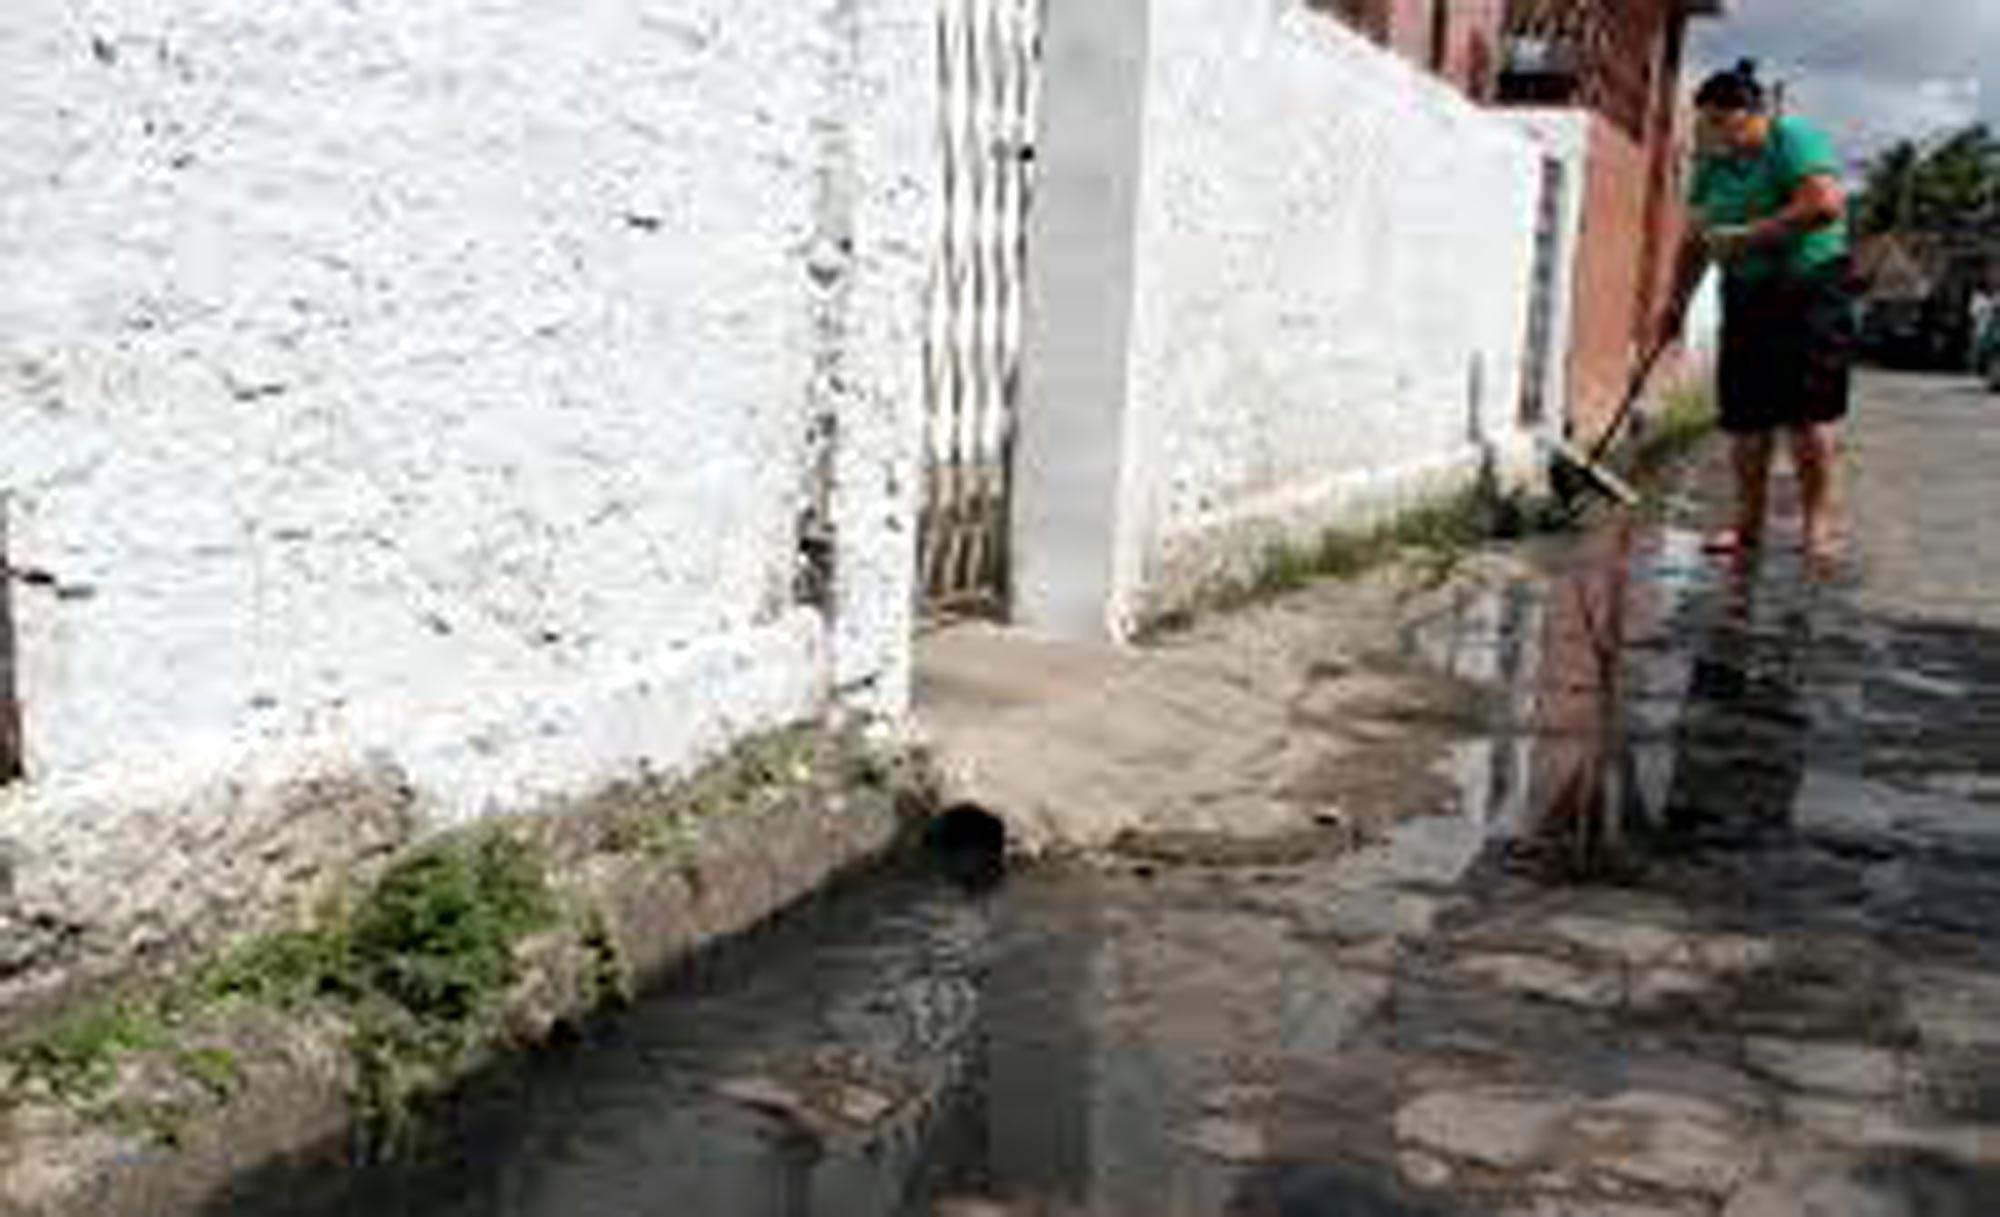 Emanuel prorroga prazo para definição da concessão do saneamento